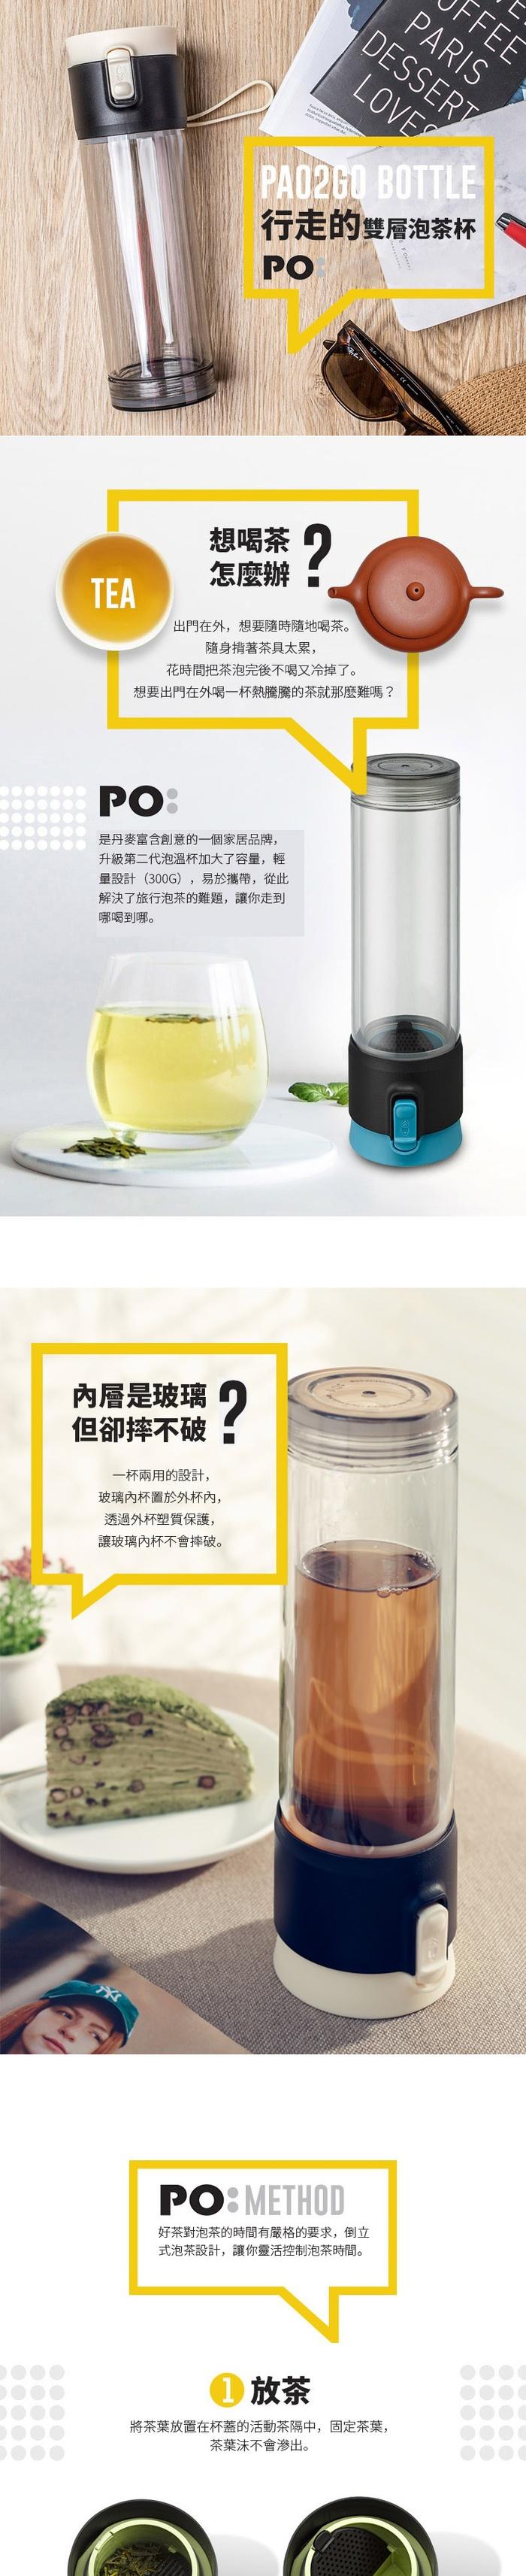 PO:Selected 丹麥雙層泡茶防摔隨手杯(外杯550ml,玻璃內杯360ml) (墨綠)